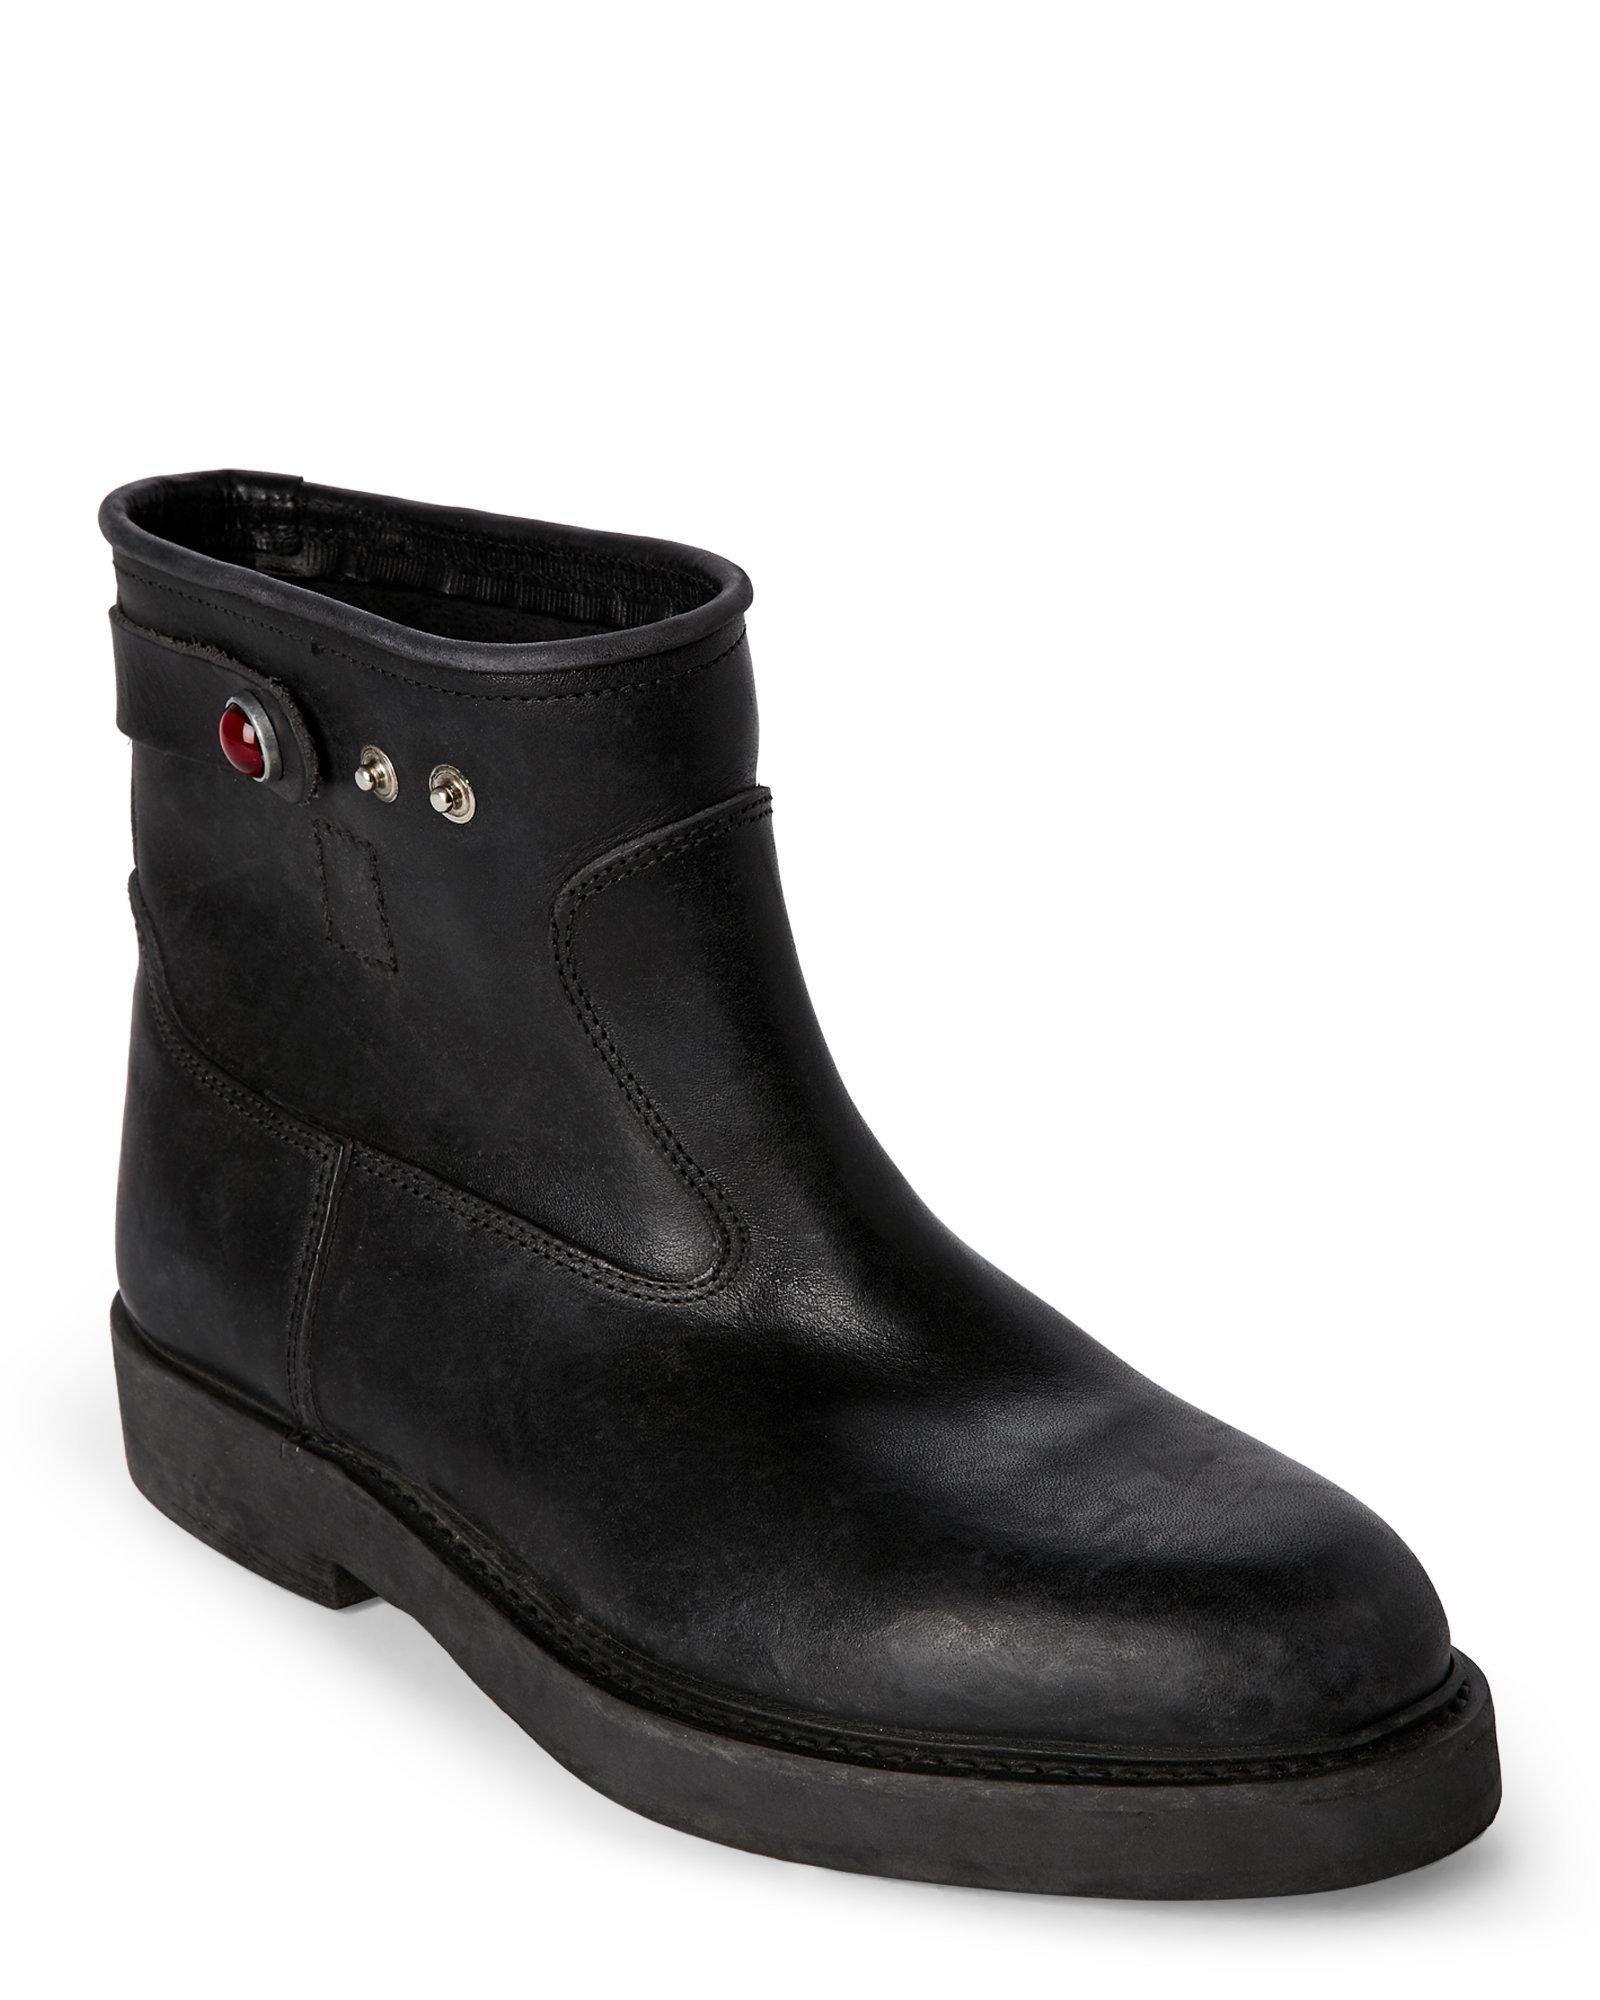 golden goose deluxe brand black u biker short boots in black lyst. Black Bedroom Furniture Sets. Home Design Ideas